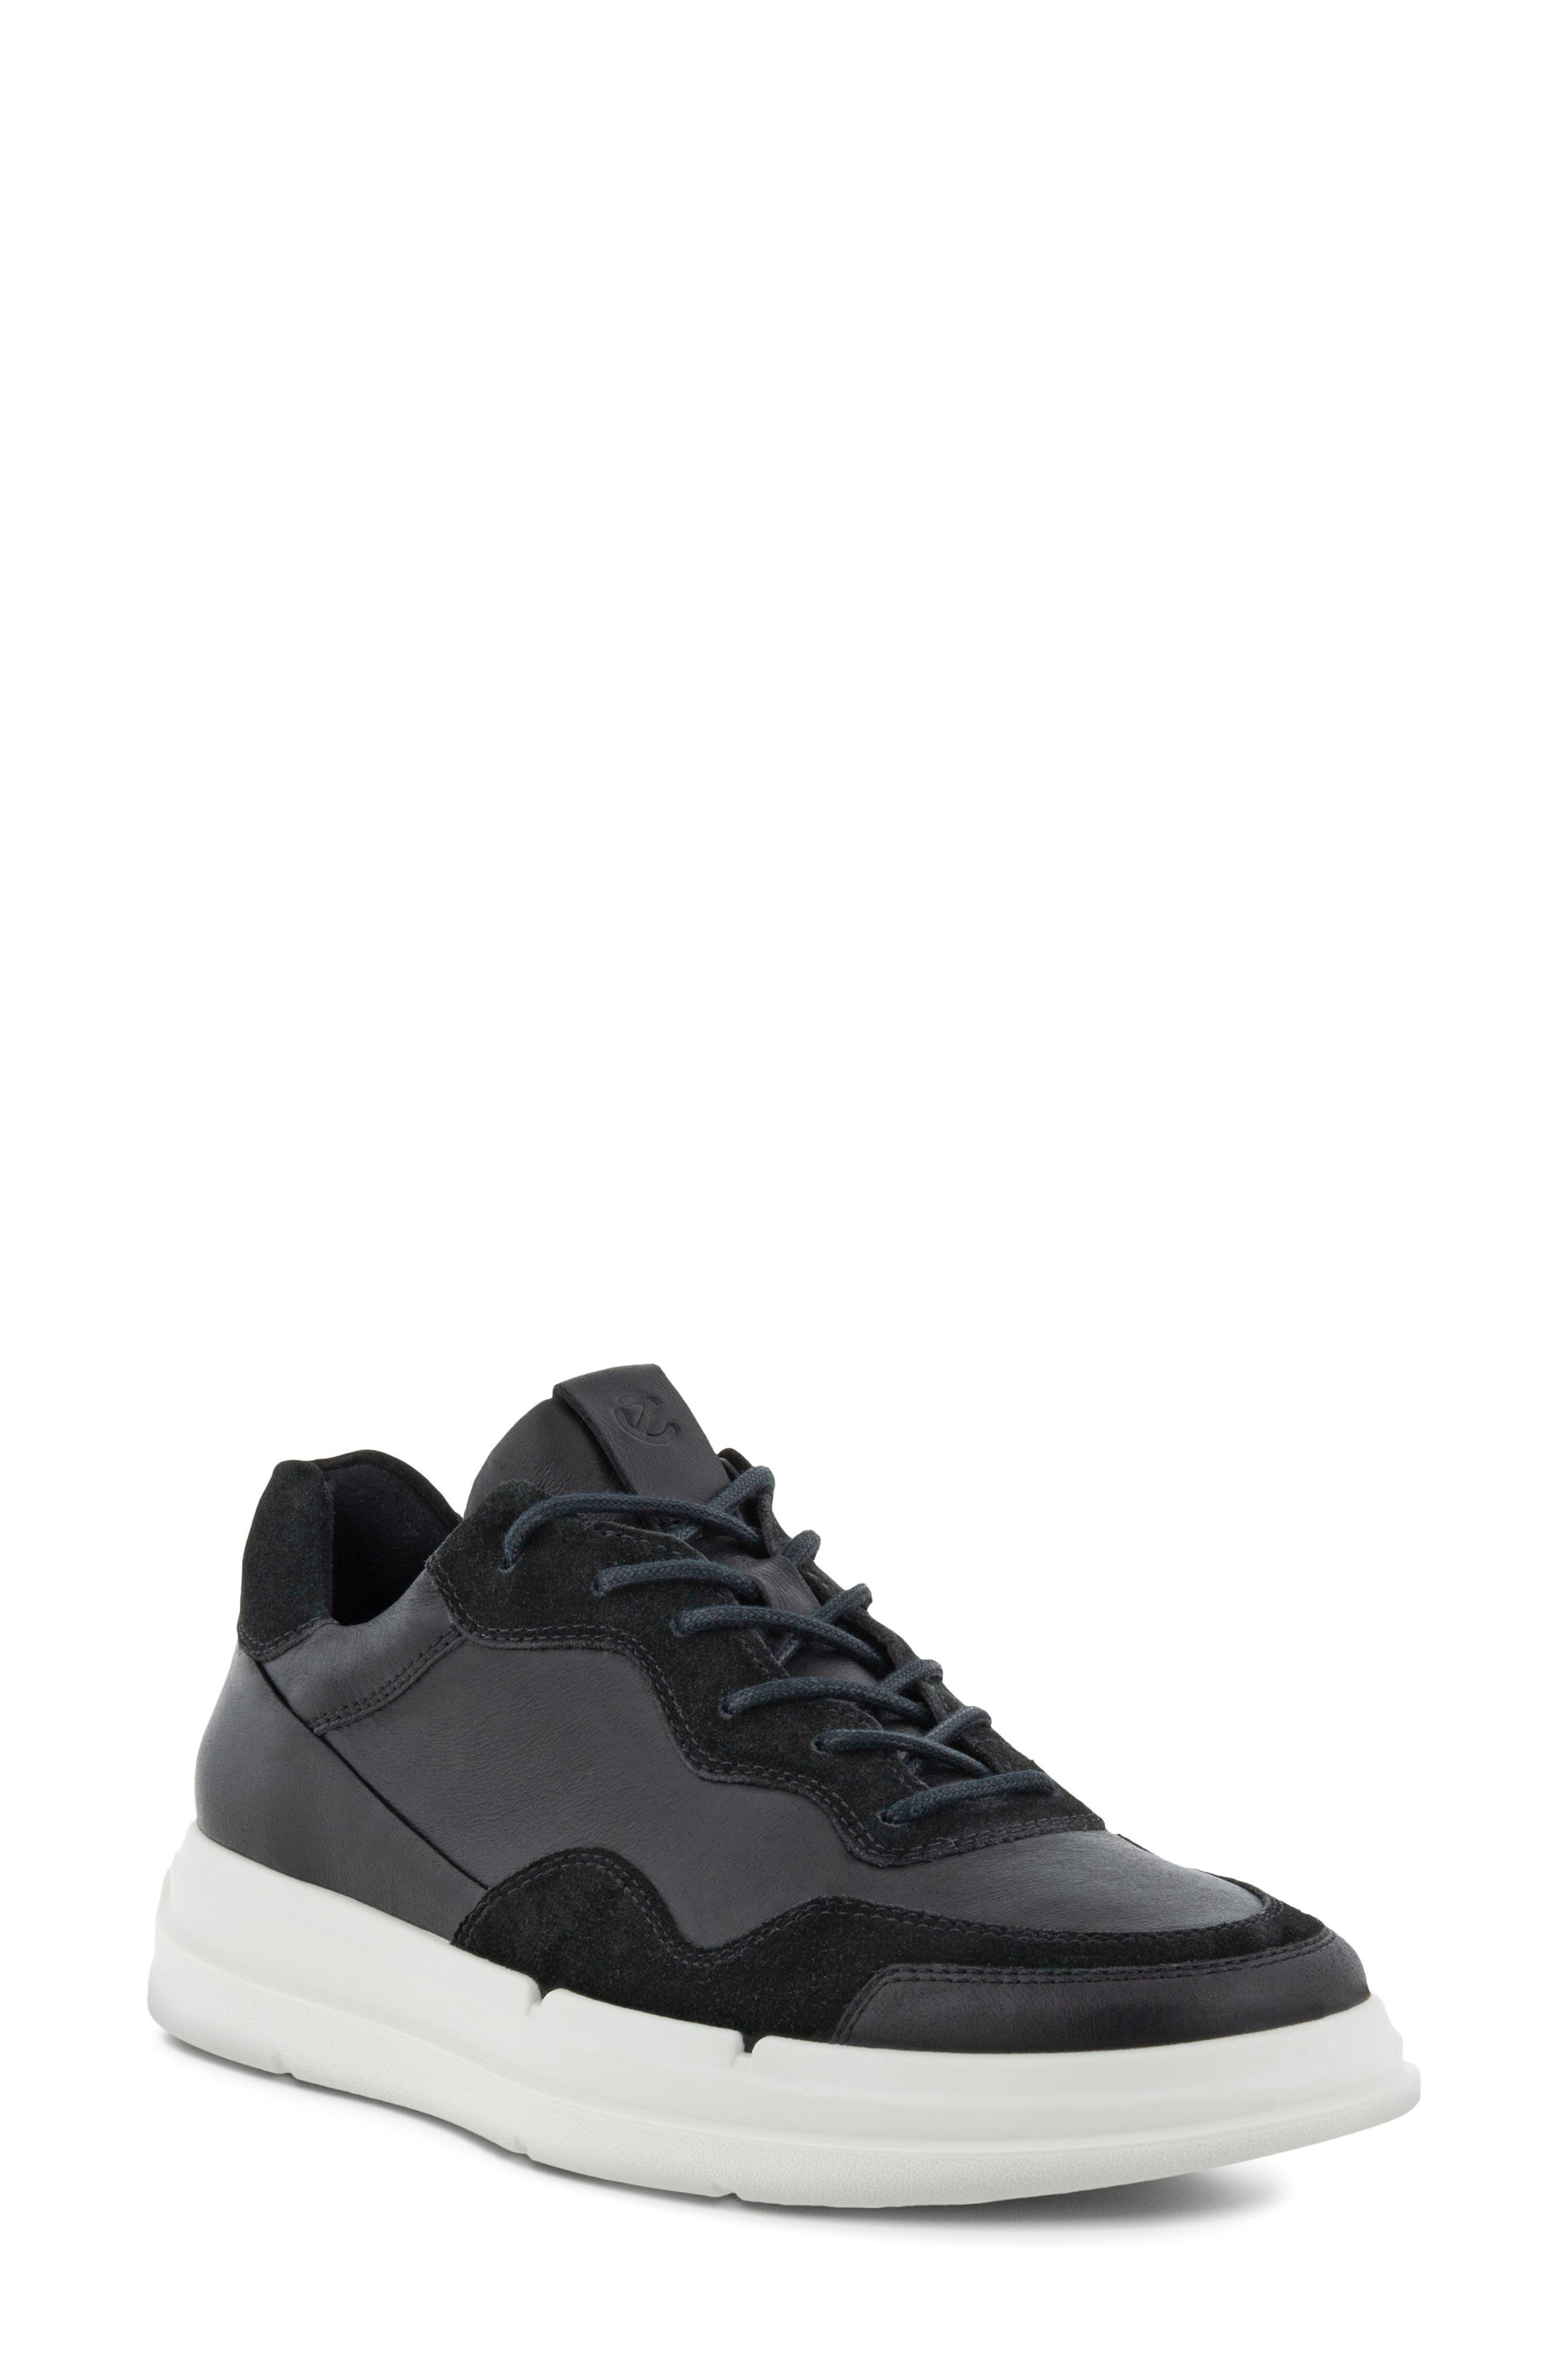 Women's Ecco Soft X Sneaker